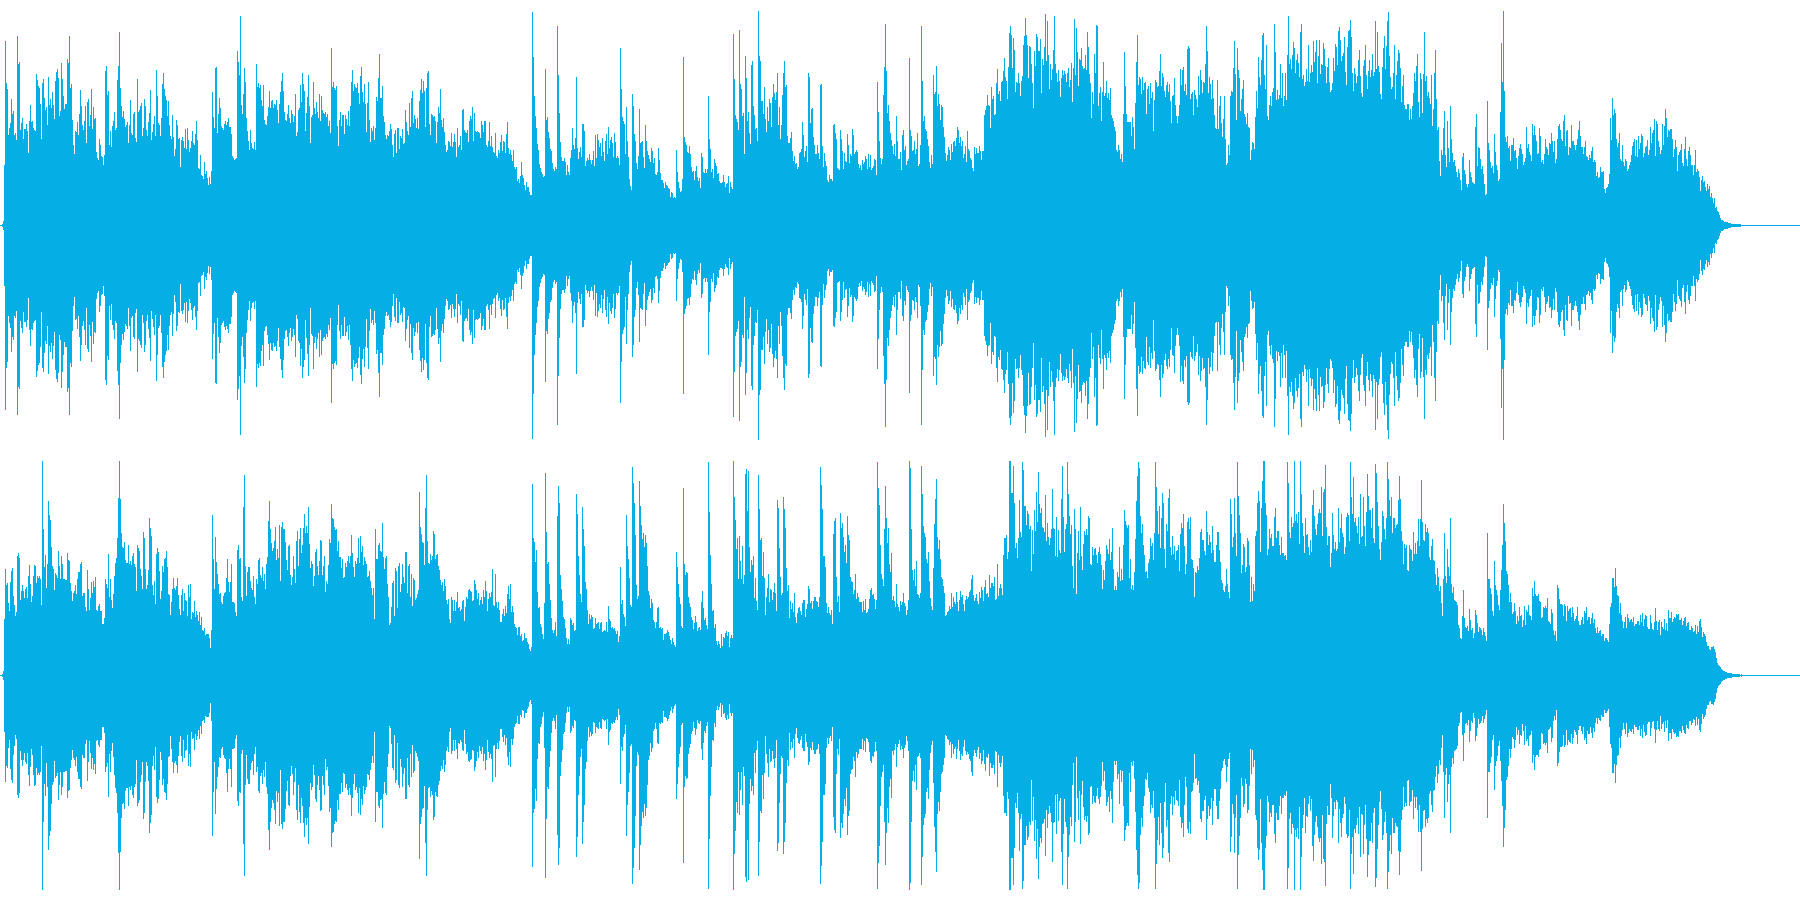 民族楽器の生演奏による美しいバラードの再生済みの波形